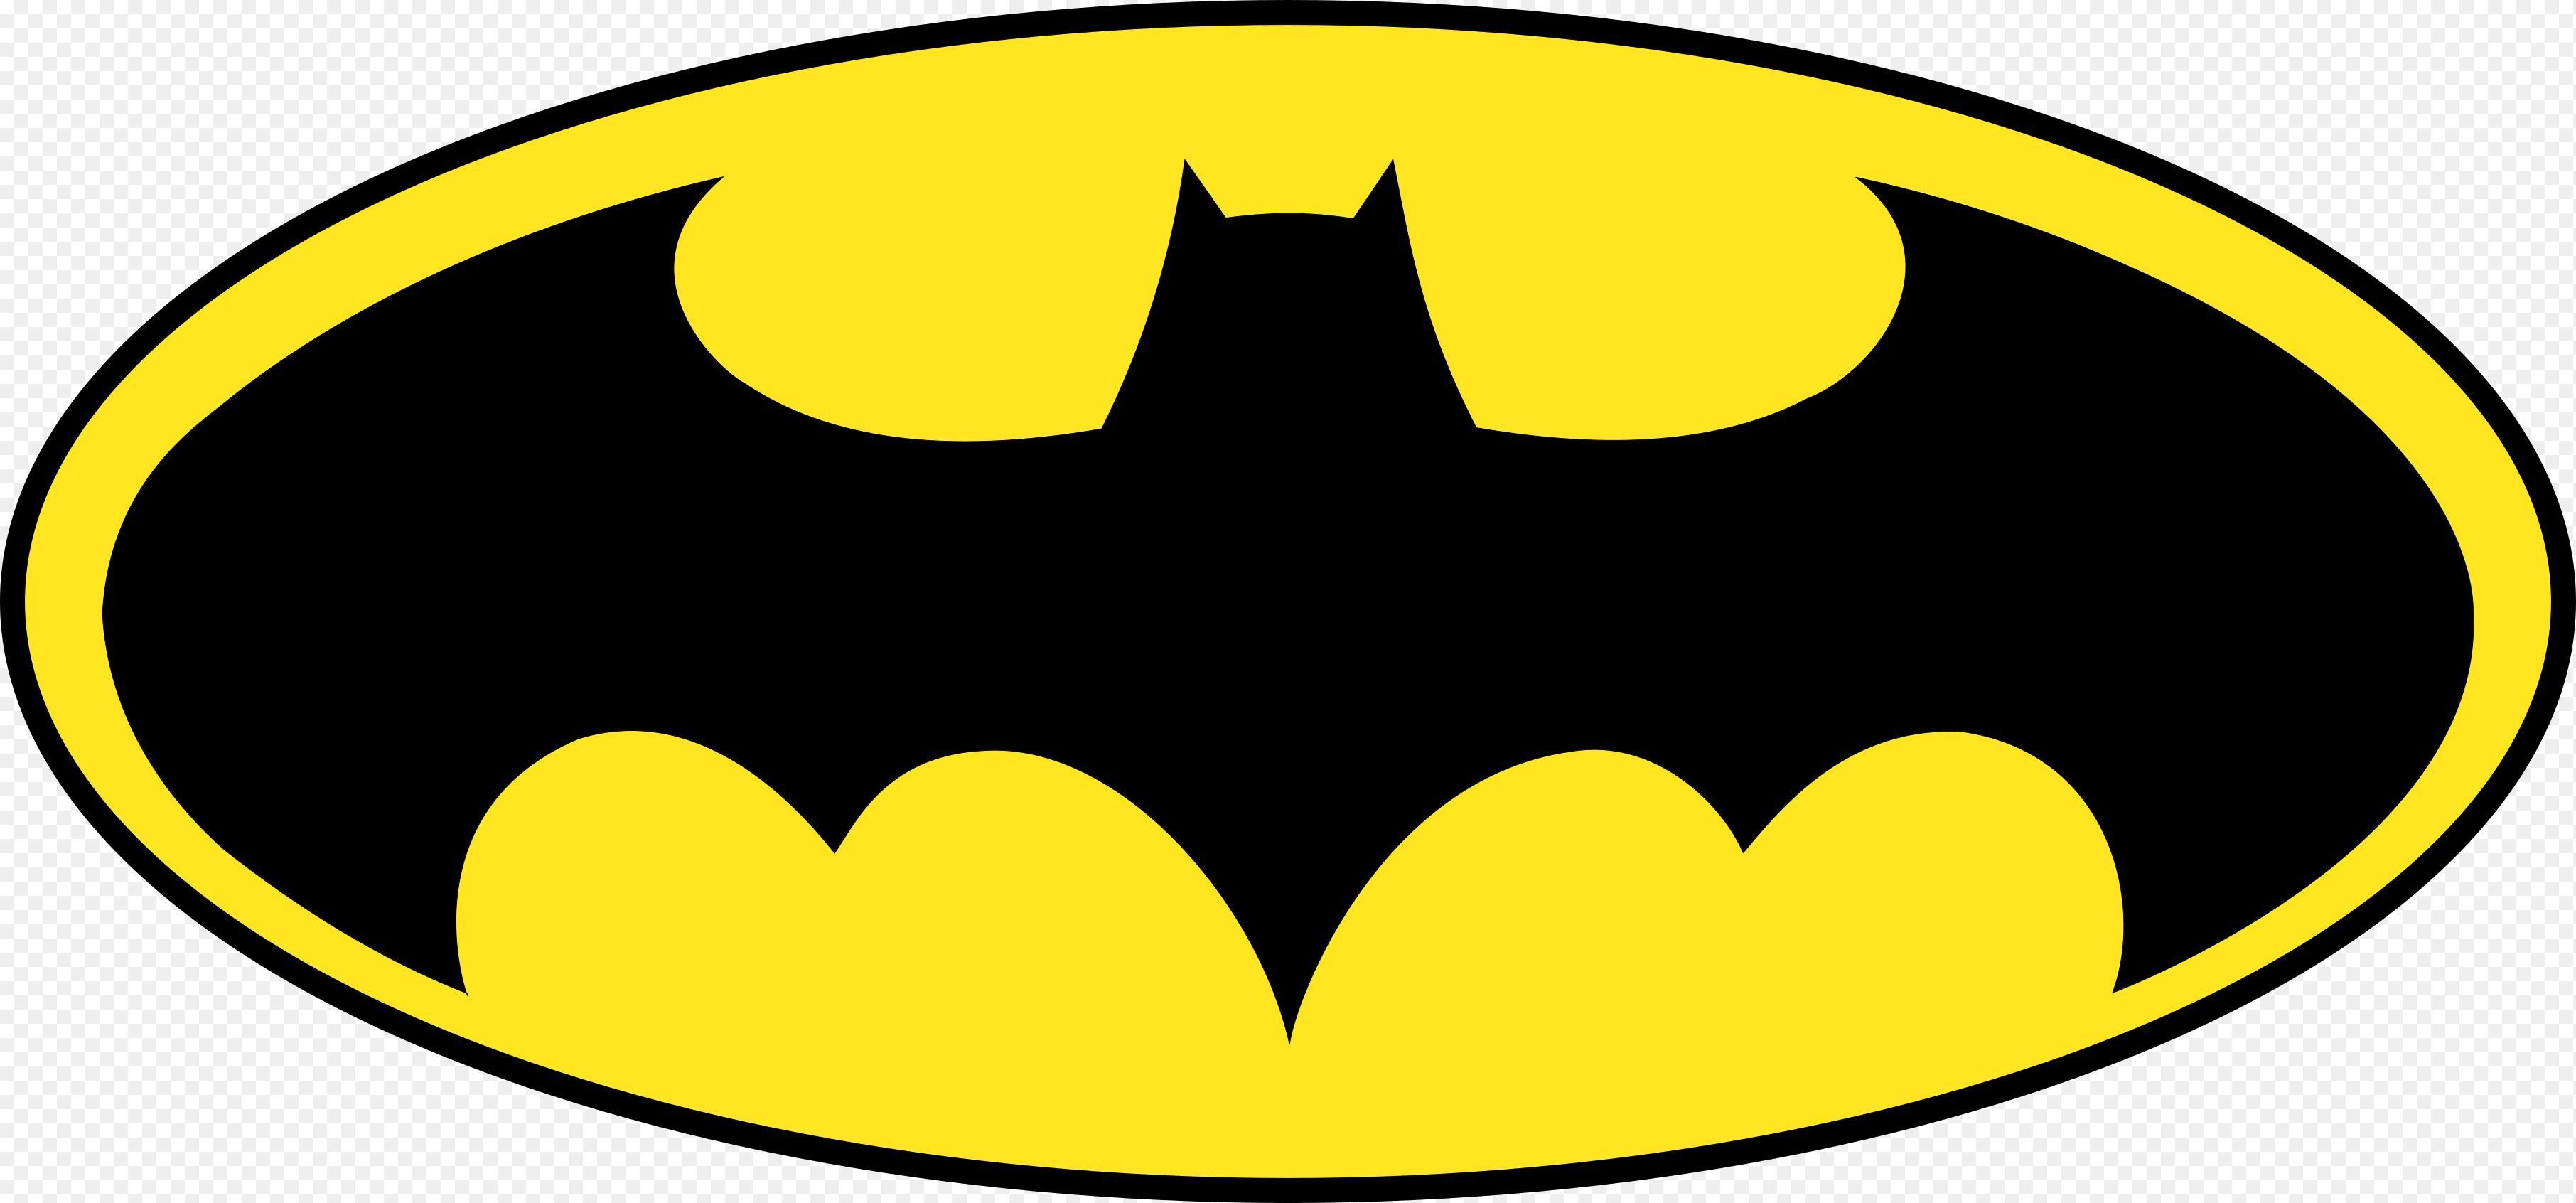 Bat Symbol Png Batman Png Images Free Download 3624 1692 Png Download Free Transparent Background Bat Sym Batman Logo Tattoo Batman Logo Cartoon Clip Art